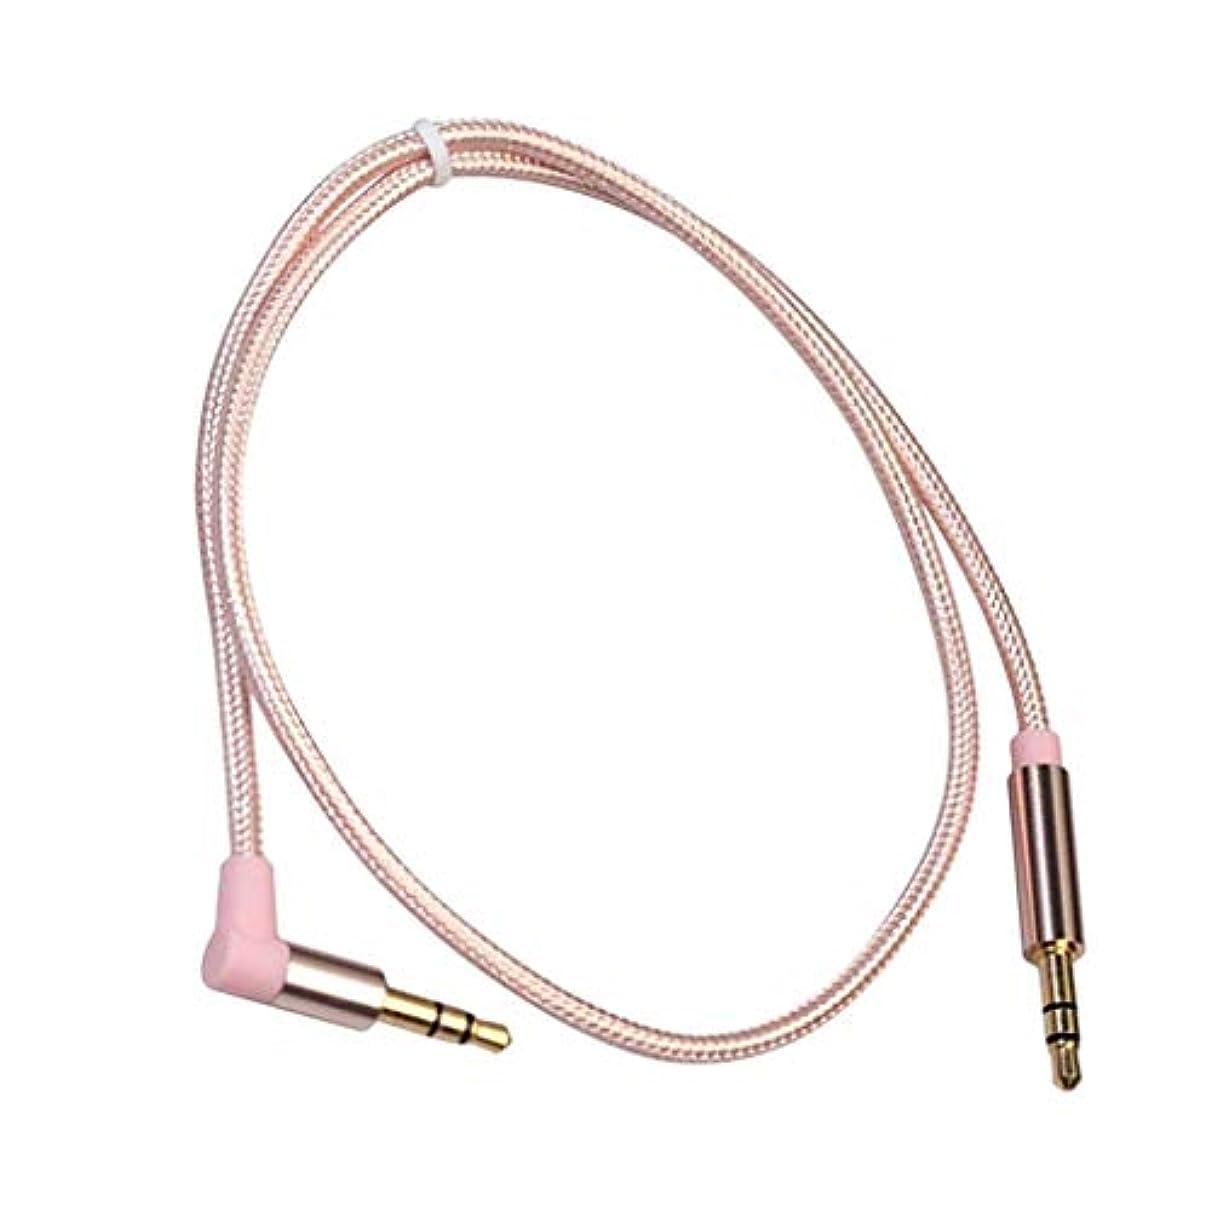 舌な答え出演者sharprepublic 全5サイズ オーディオケーブル 変換ケーブル 生地編み オス-オス 3.5 mmジャック 直角‐ストレート - 長さ約50cm